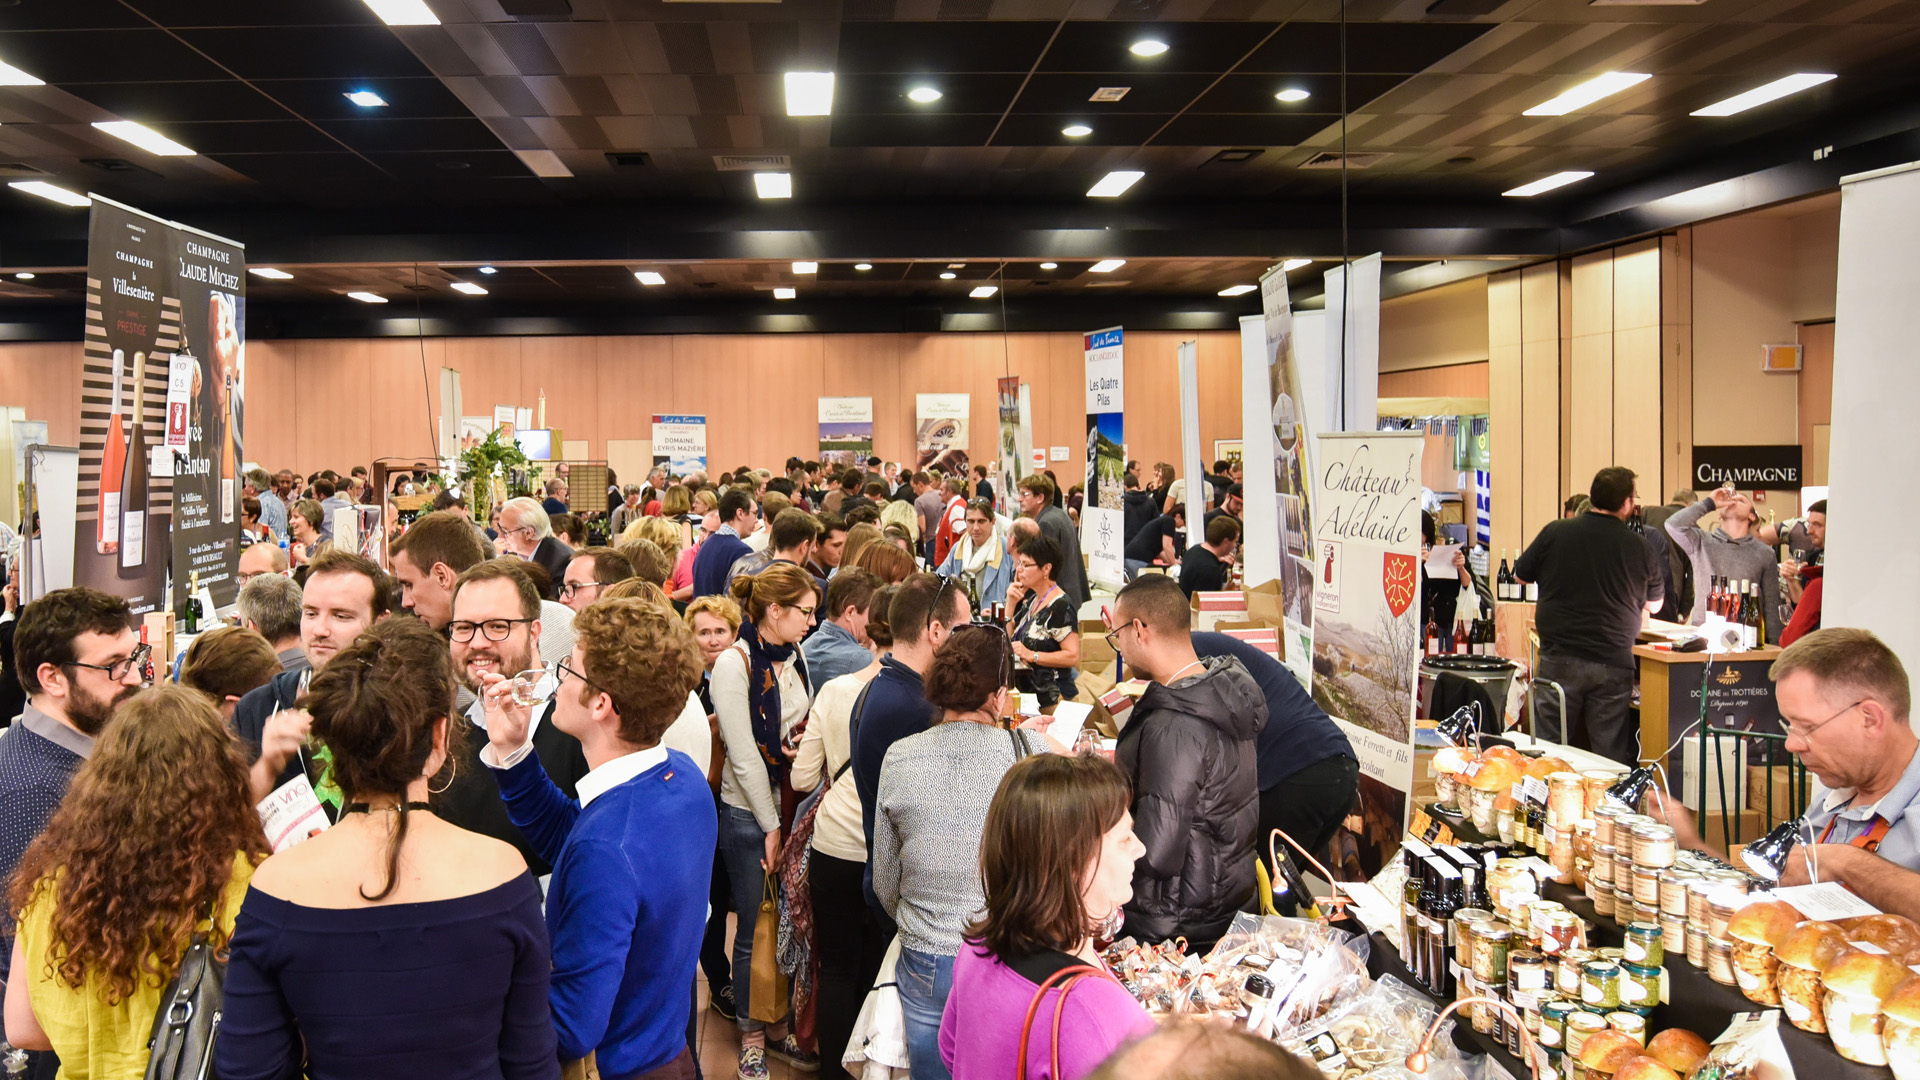 2016-10-17 - salon vinomedia villeurbanne005